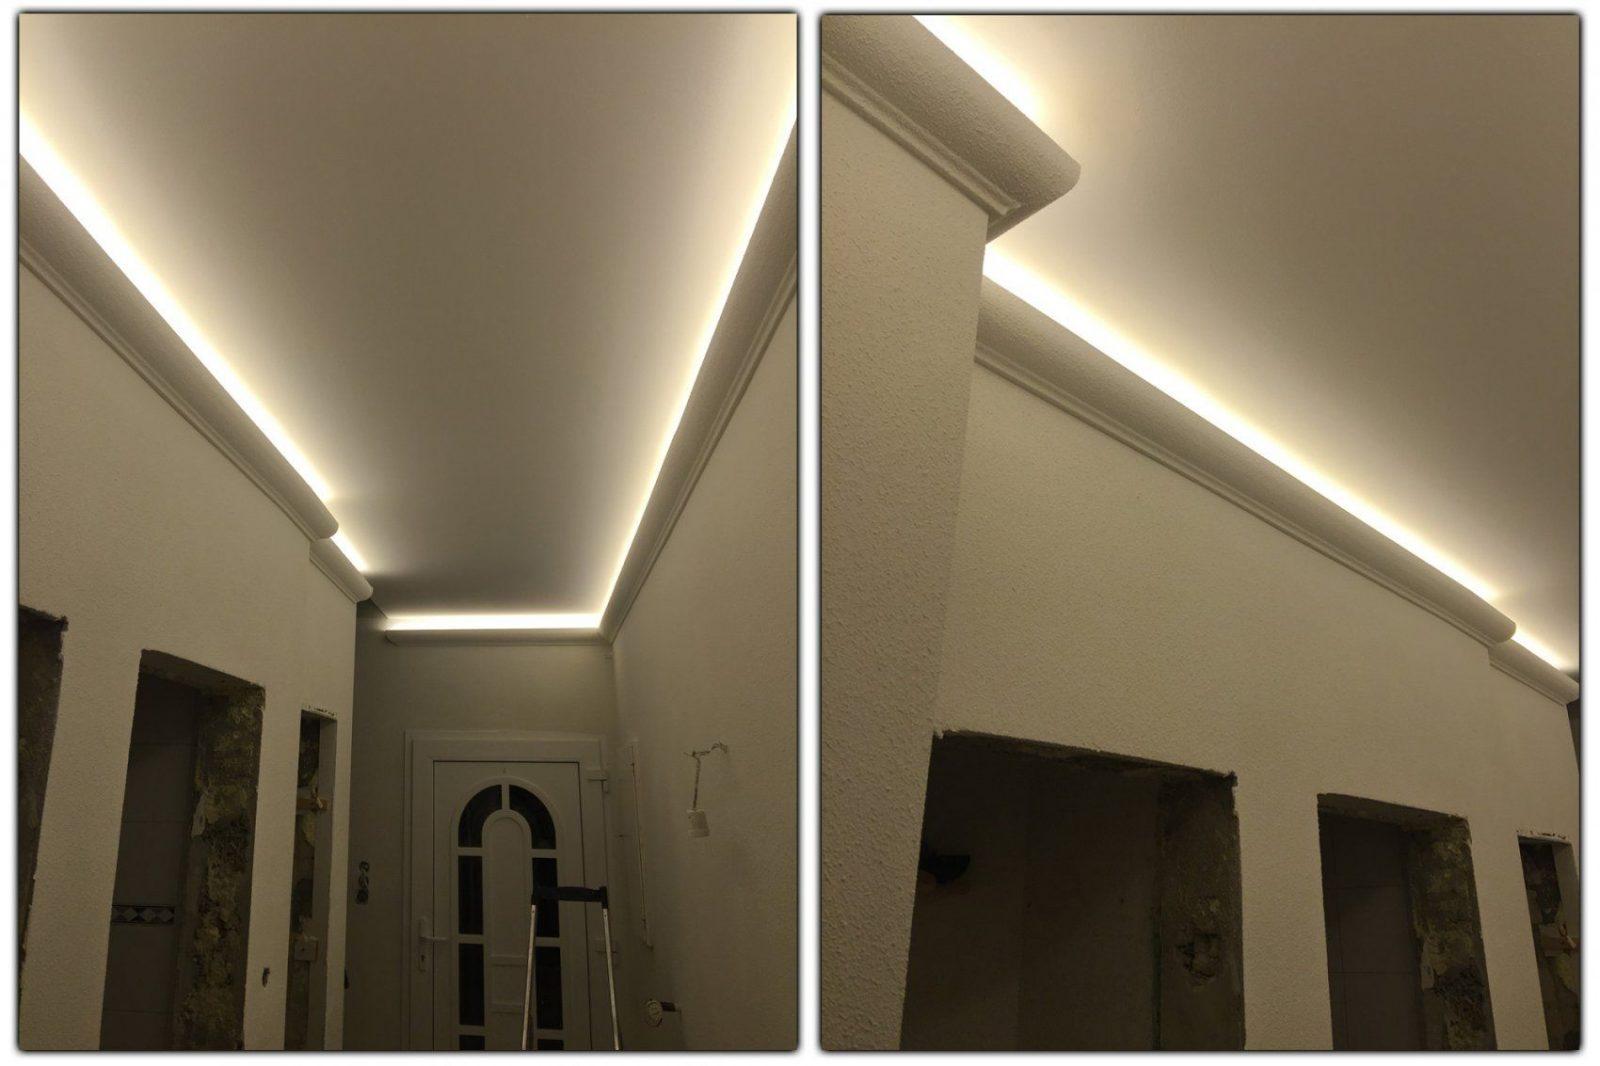 2 Meter Led Profil Pu Stuckleiste Für Indirekte Beleuchtung von Stuckleiste Für Indirekte Beleuchtung Photo